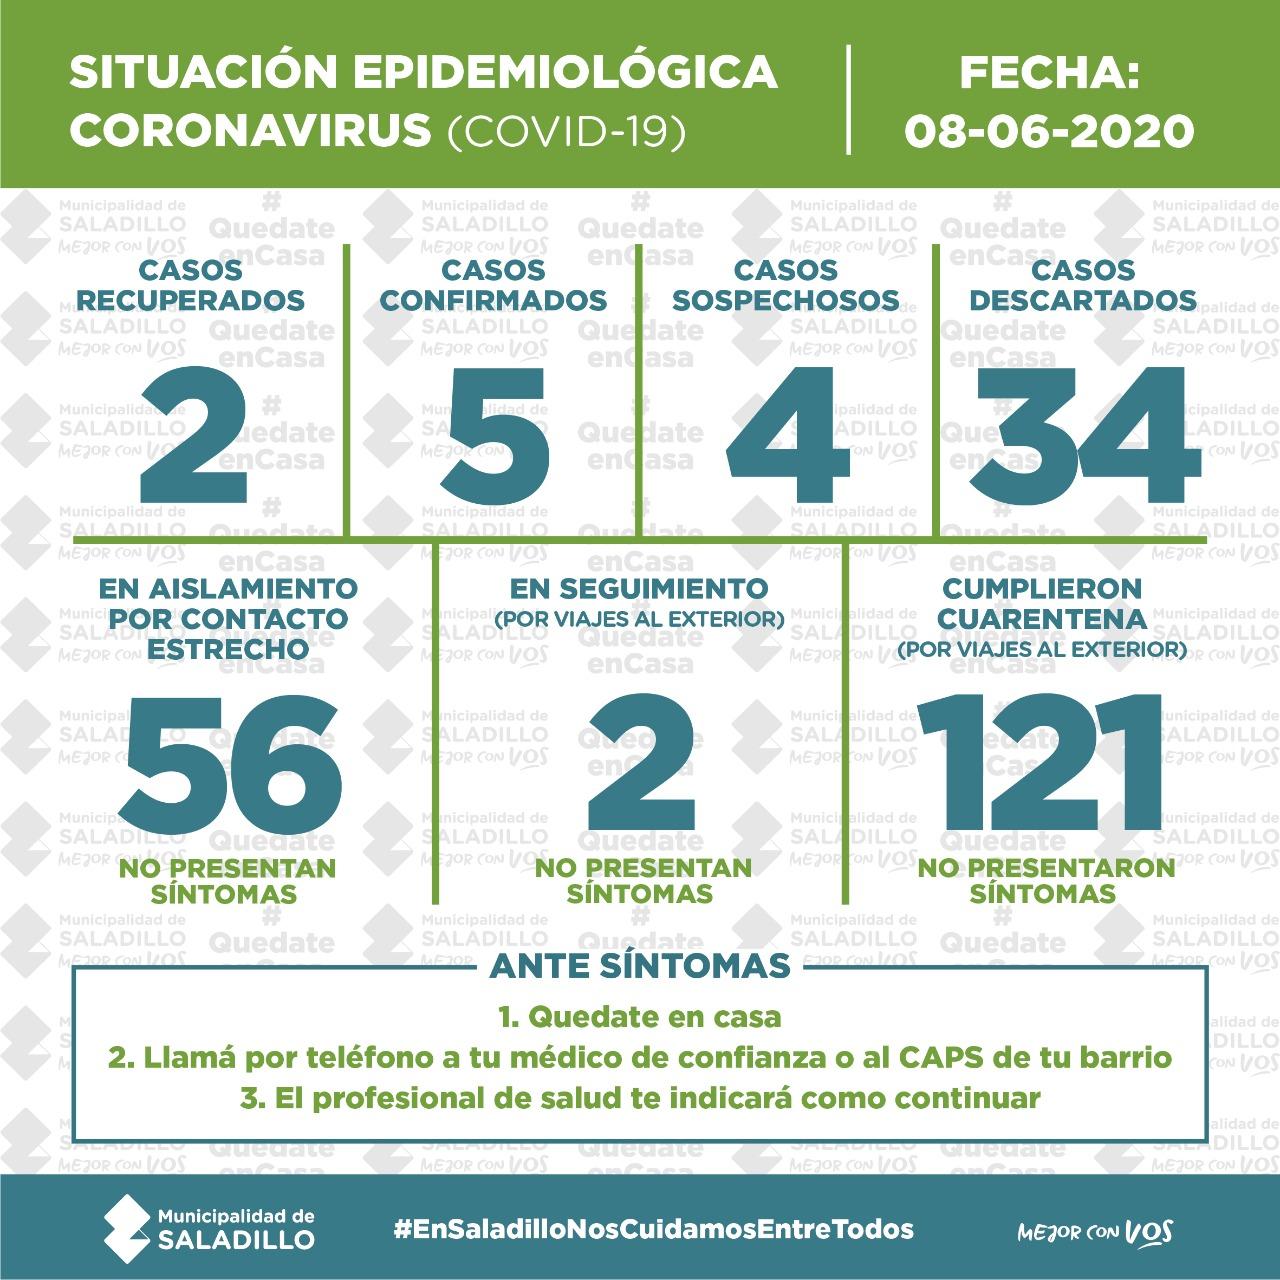 SITUACIÓN EPIDEMIOLÓGICA EN SALADILLO  8/6/2020